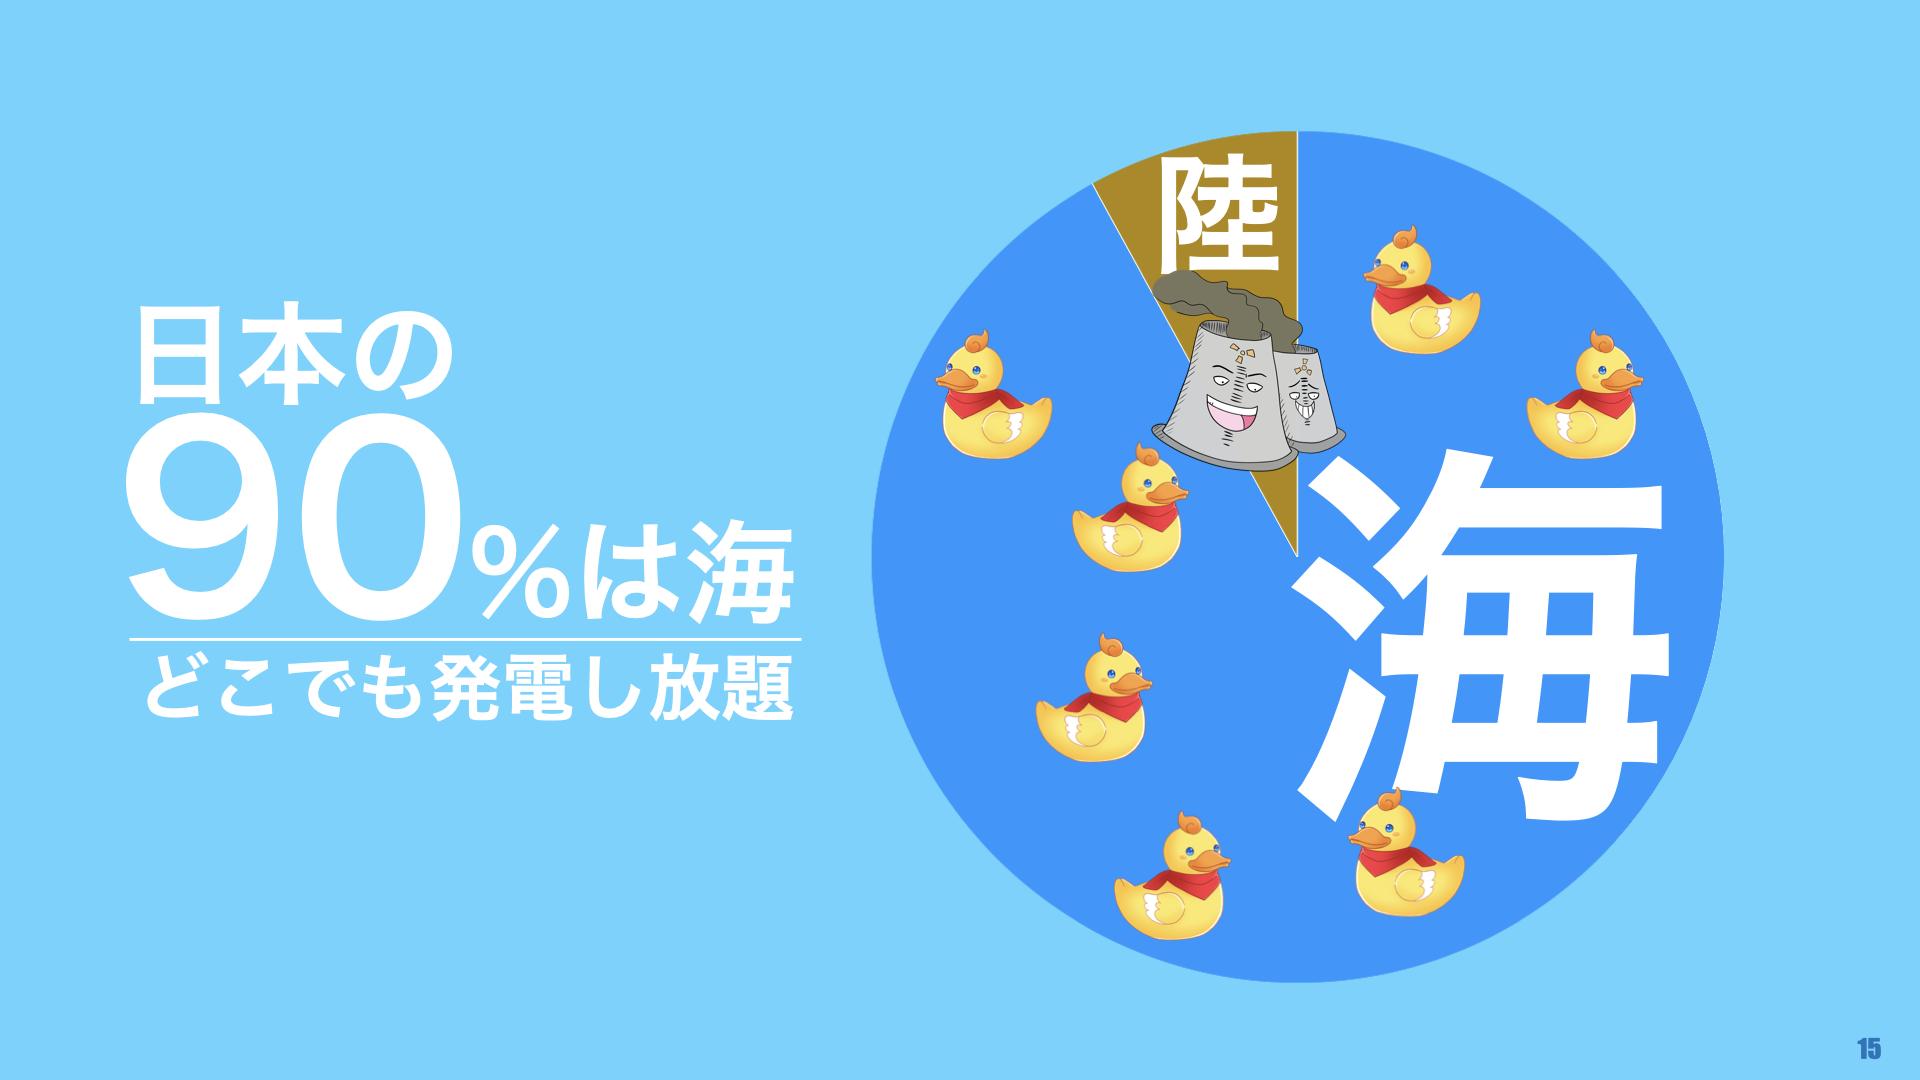 日本の90%は海